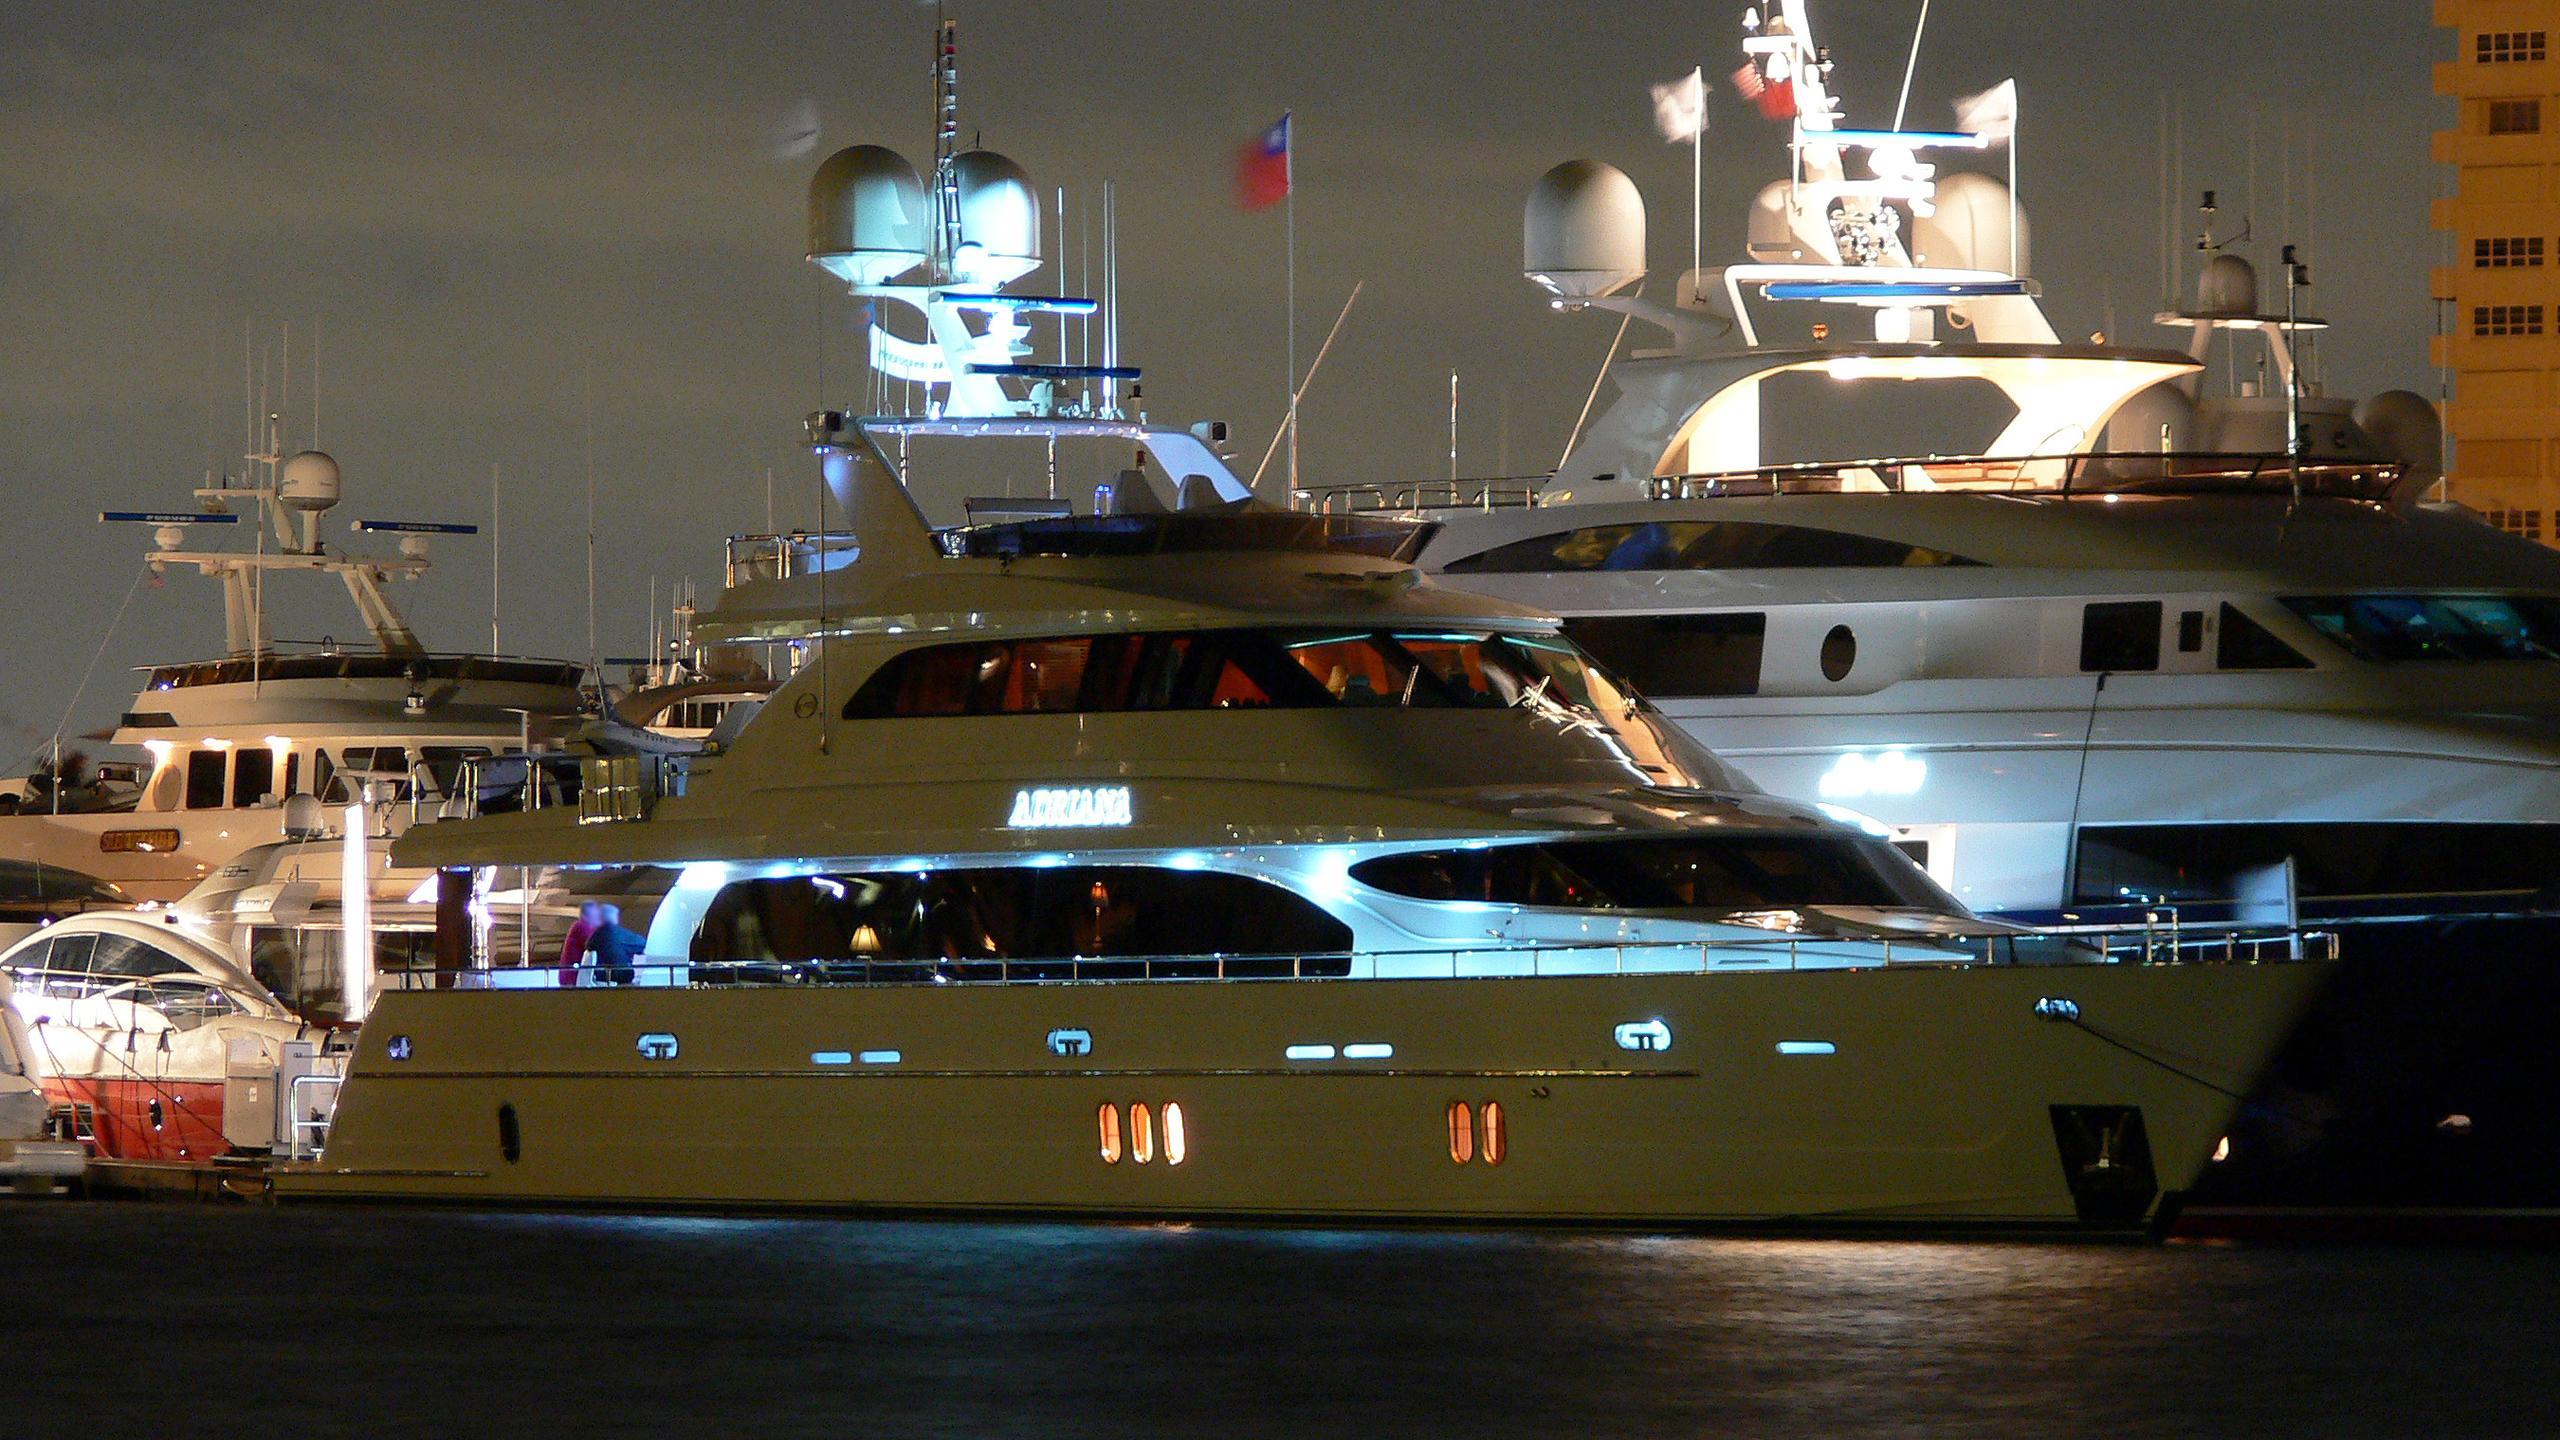 el-mirar-ii-motor-yacht-hroizon-107-2008-34m-illuminated-at-night